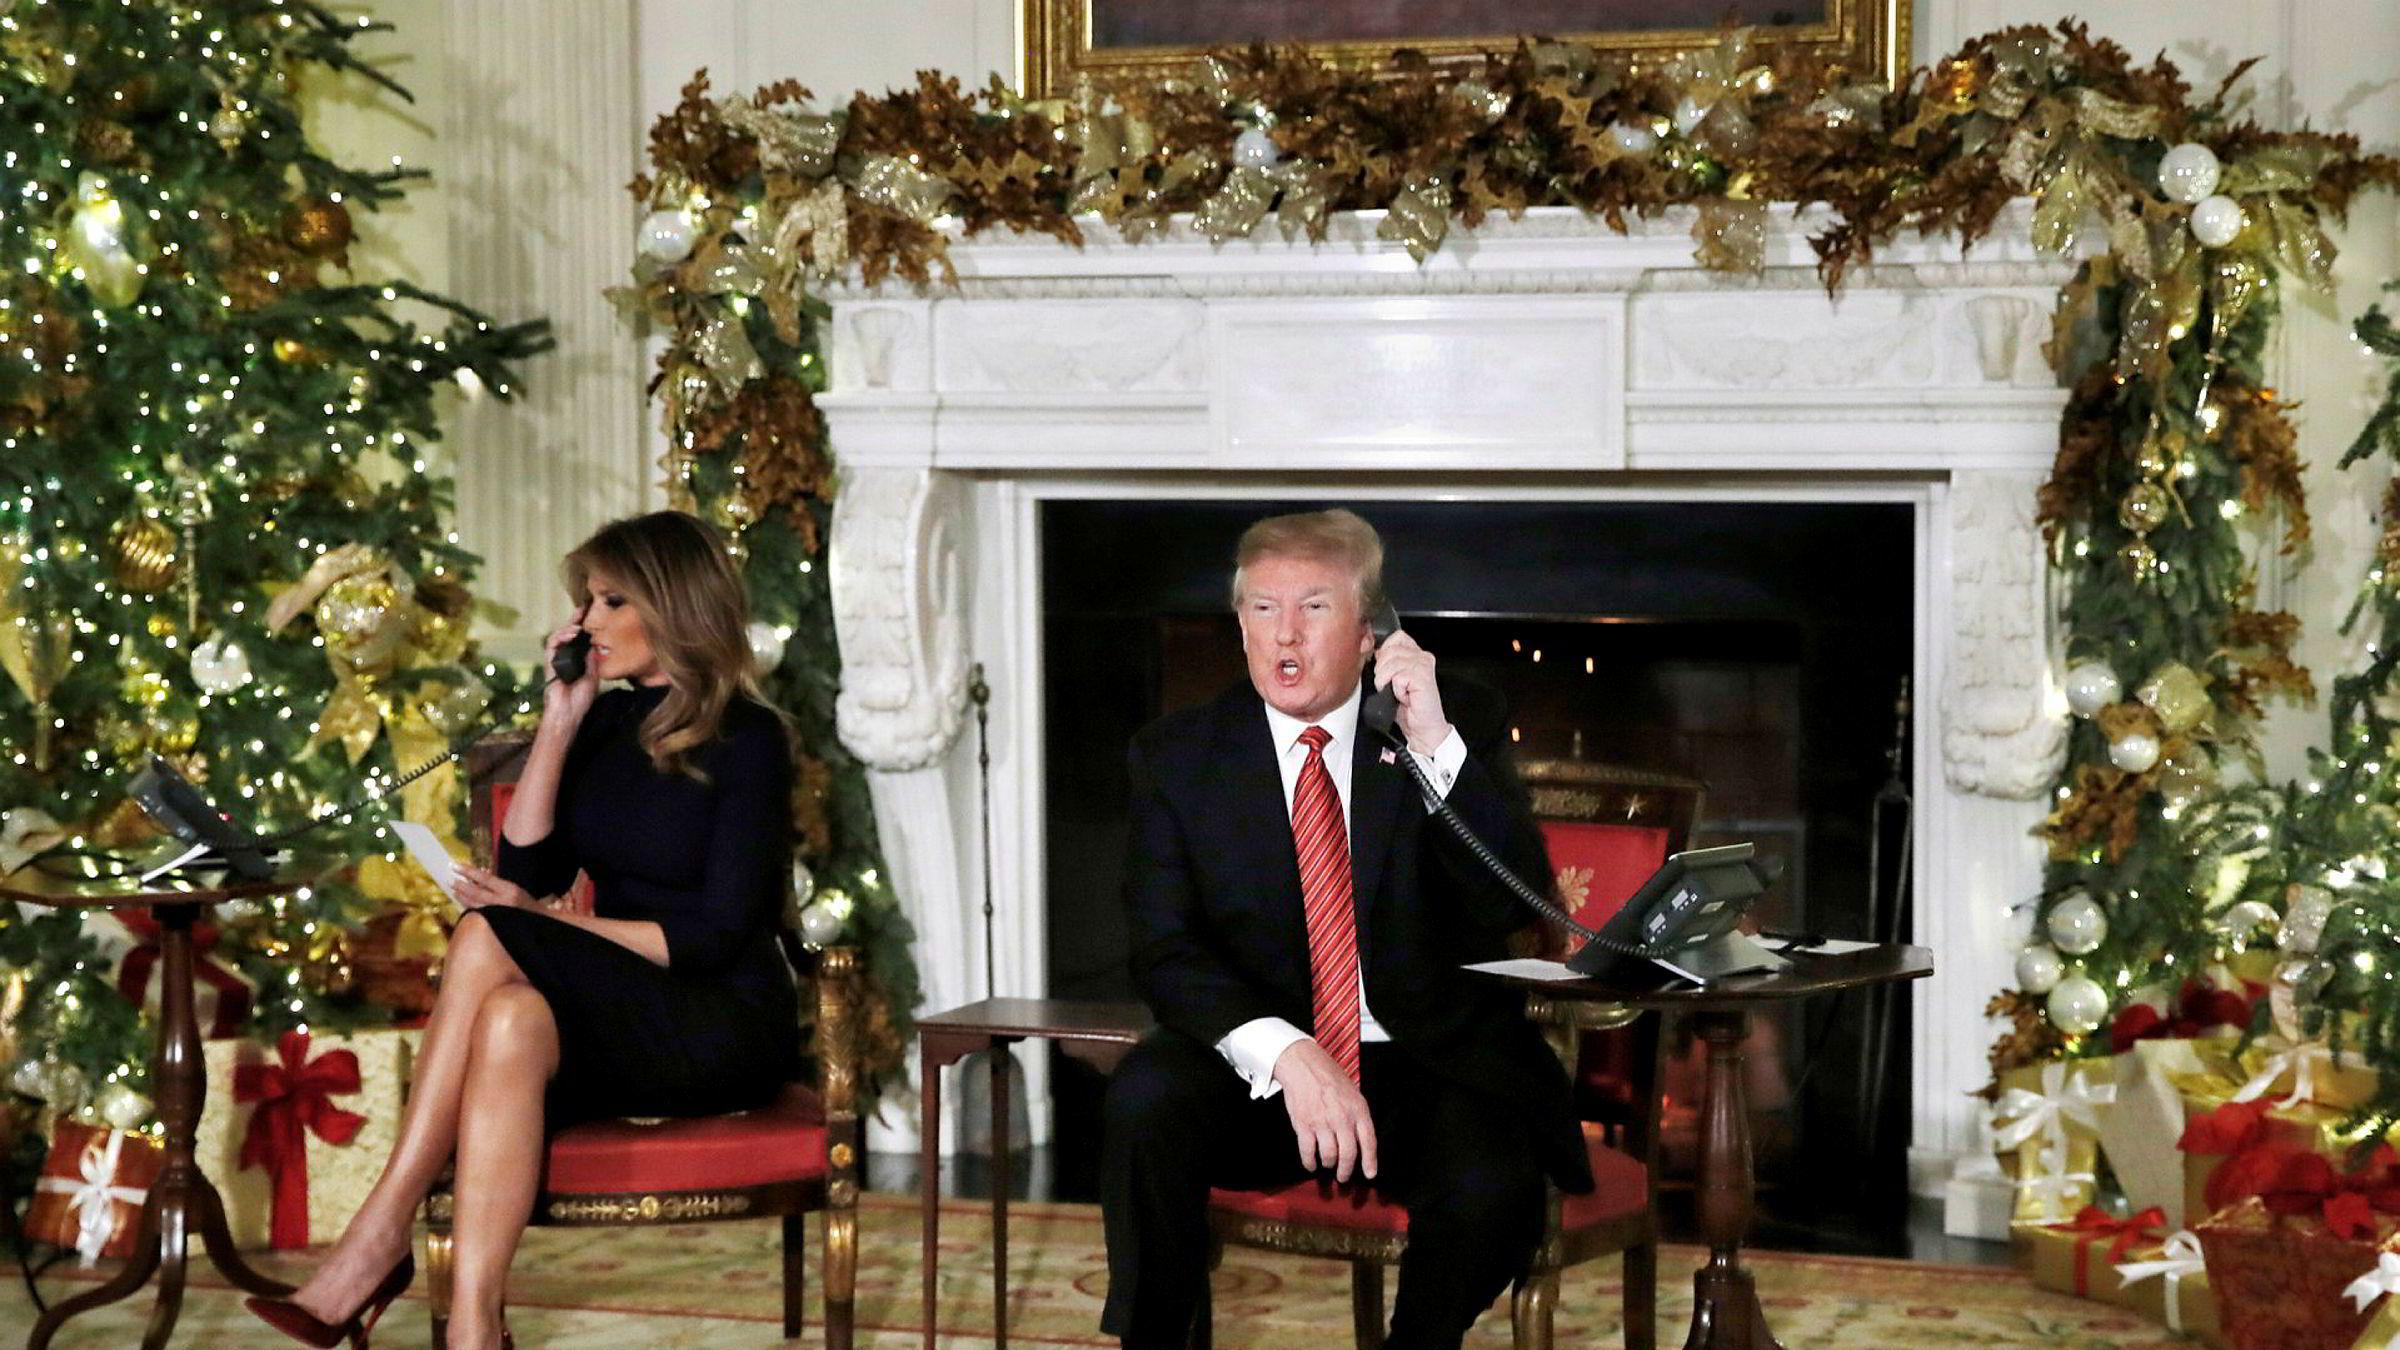 I julen i fjor fulgte president Donald Trump og førstedame Melania Trump julenissens ferd rundt jorden og tok telefoner fra amerikanske barn. I år fryktes det at Trump kan gjøre som «Grinchen» og frata internasjonale markeder julefreden hvis handelskrigen med Kina eskaleres.